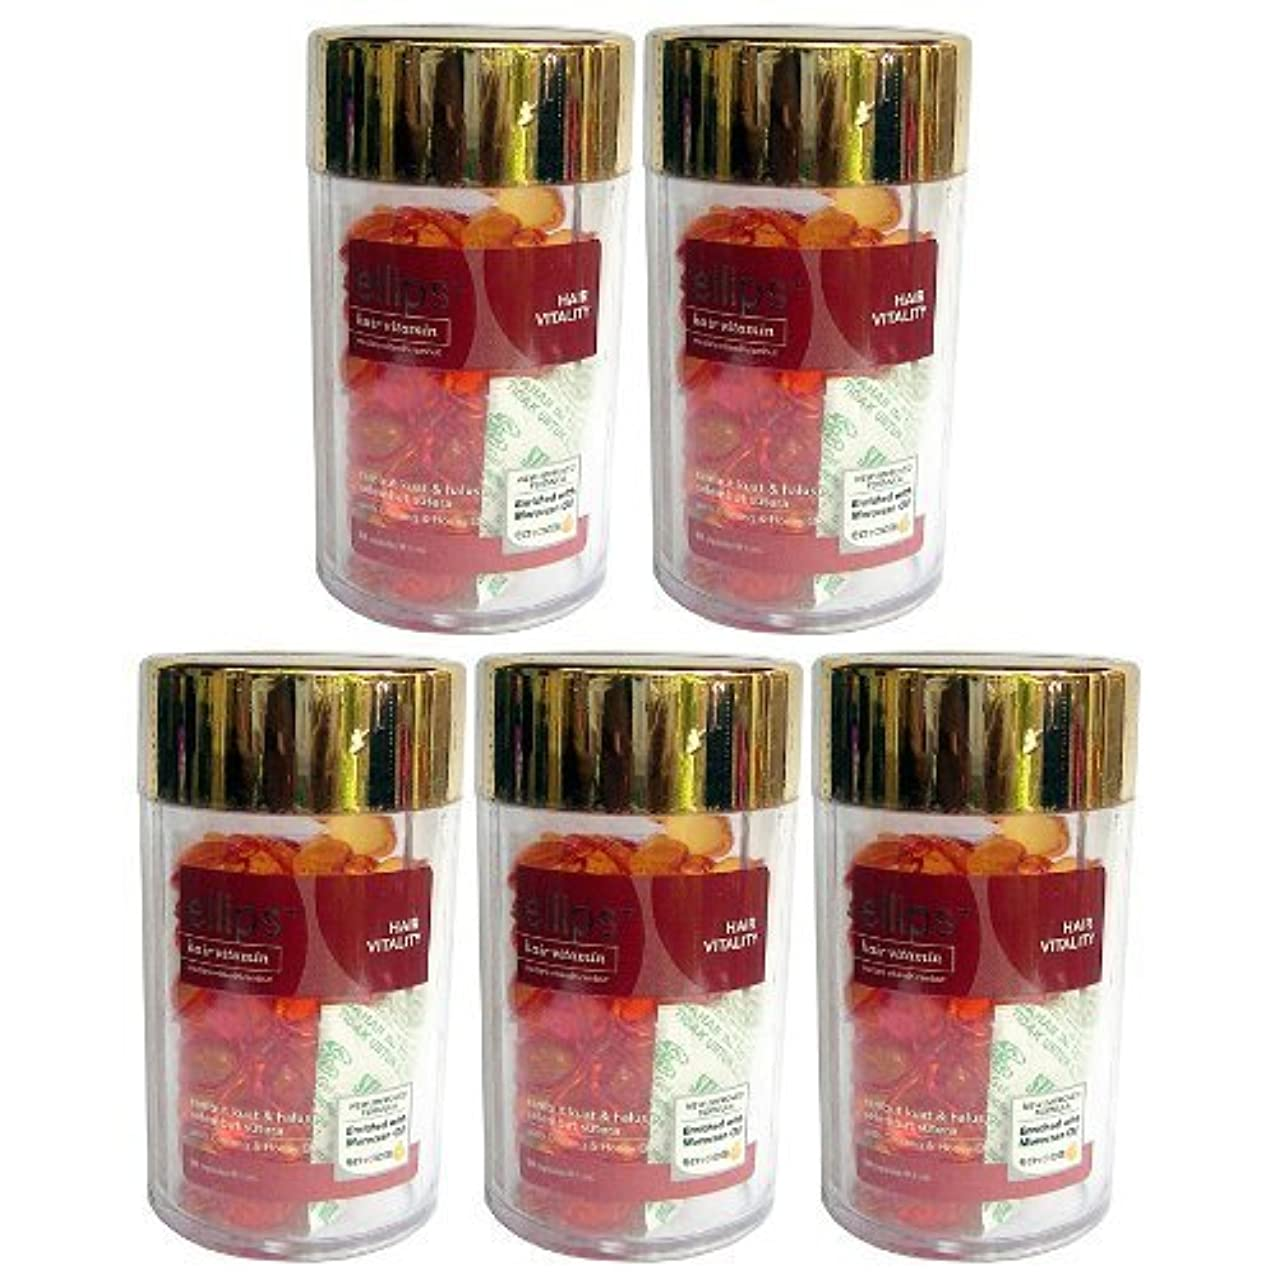 砂漠作動するはいEllips(エリプス)ヘアビタミン(50粒入)5個セット [並行輸入品][海外直送品] ブラウン